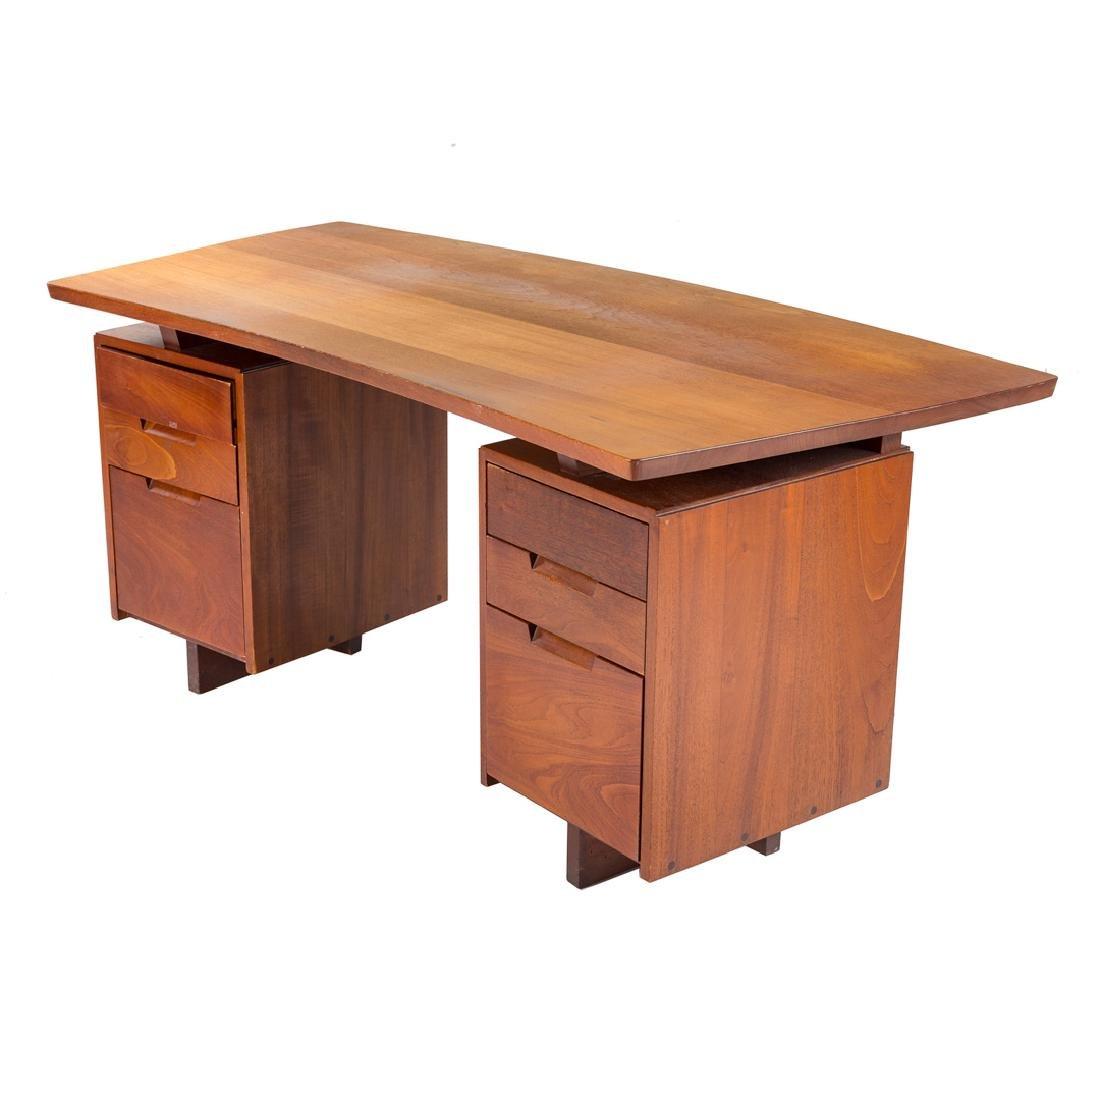 George Nakashima Double Pedestal Desk - 3